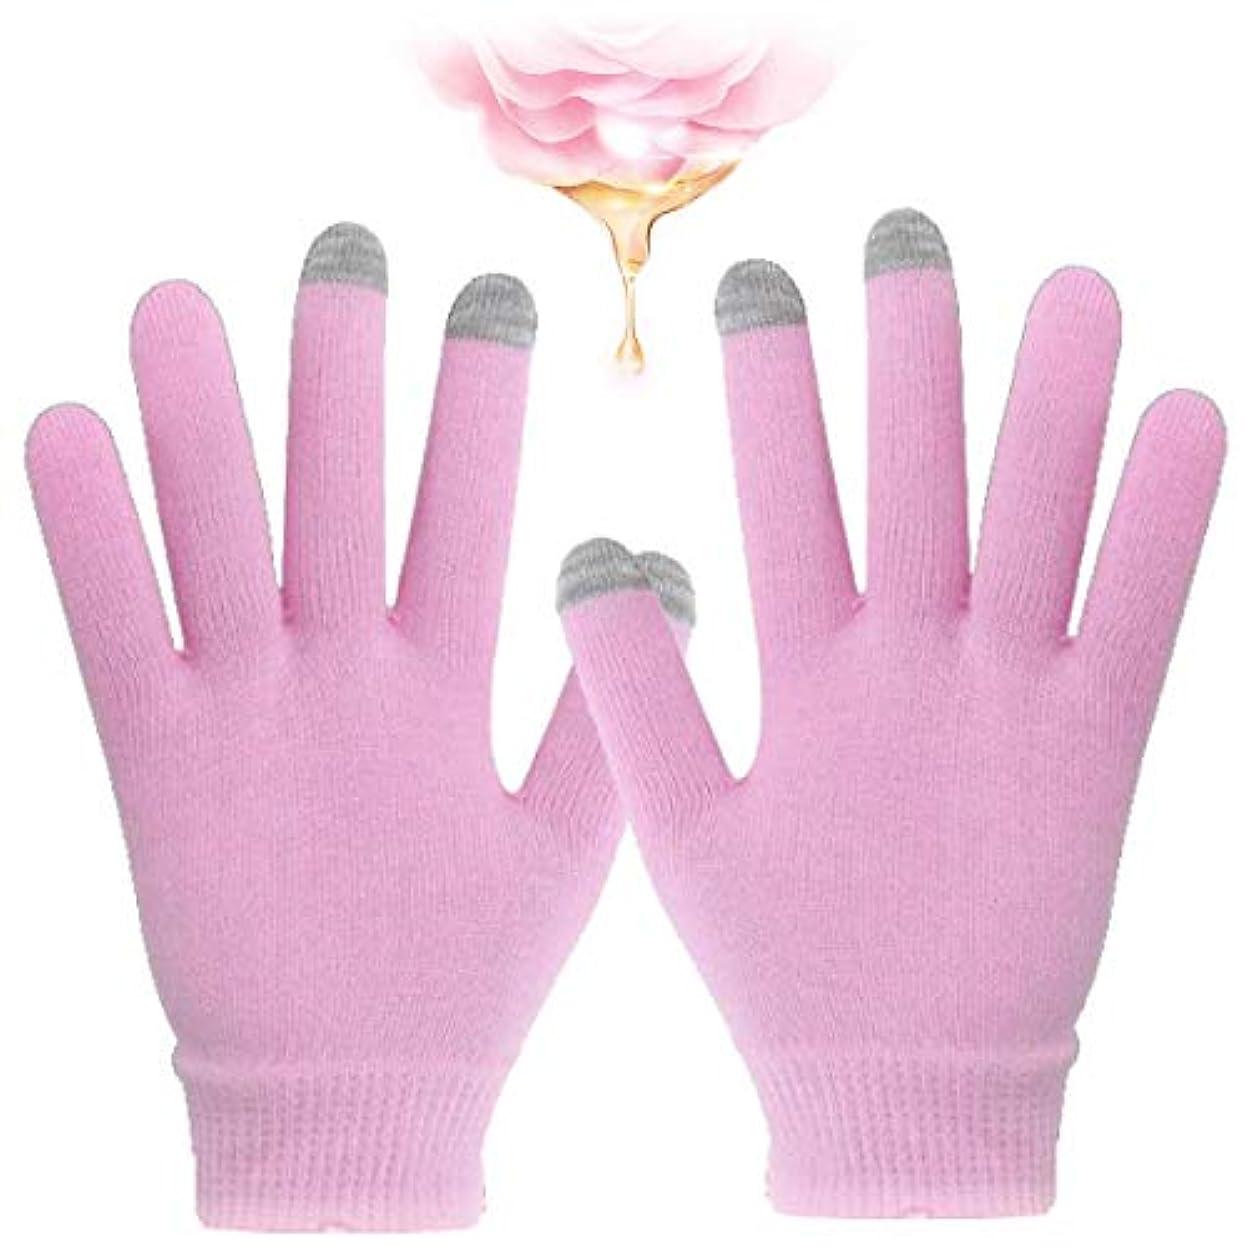 冷蔵庫混沌直接ハンドケア 手袋 スマホ対応 手袋 ゲル 保湿 美容成分配合 手荒れ 対策 おやすみ スキンケア グローブ うるおい 保護 タブレット